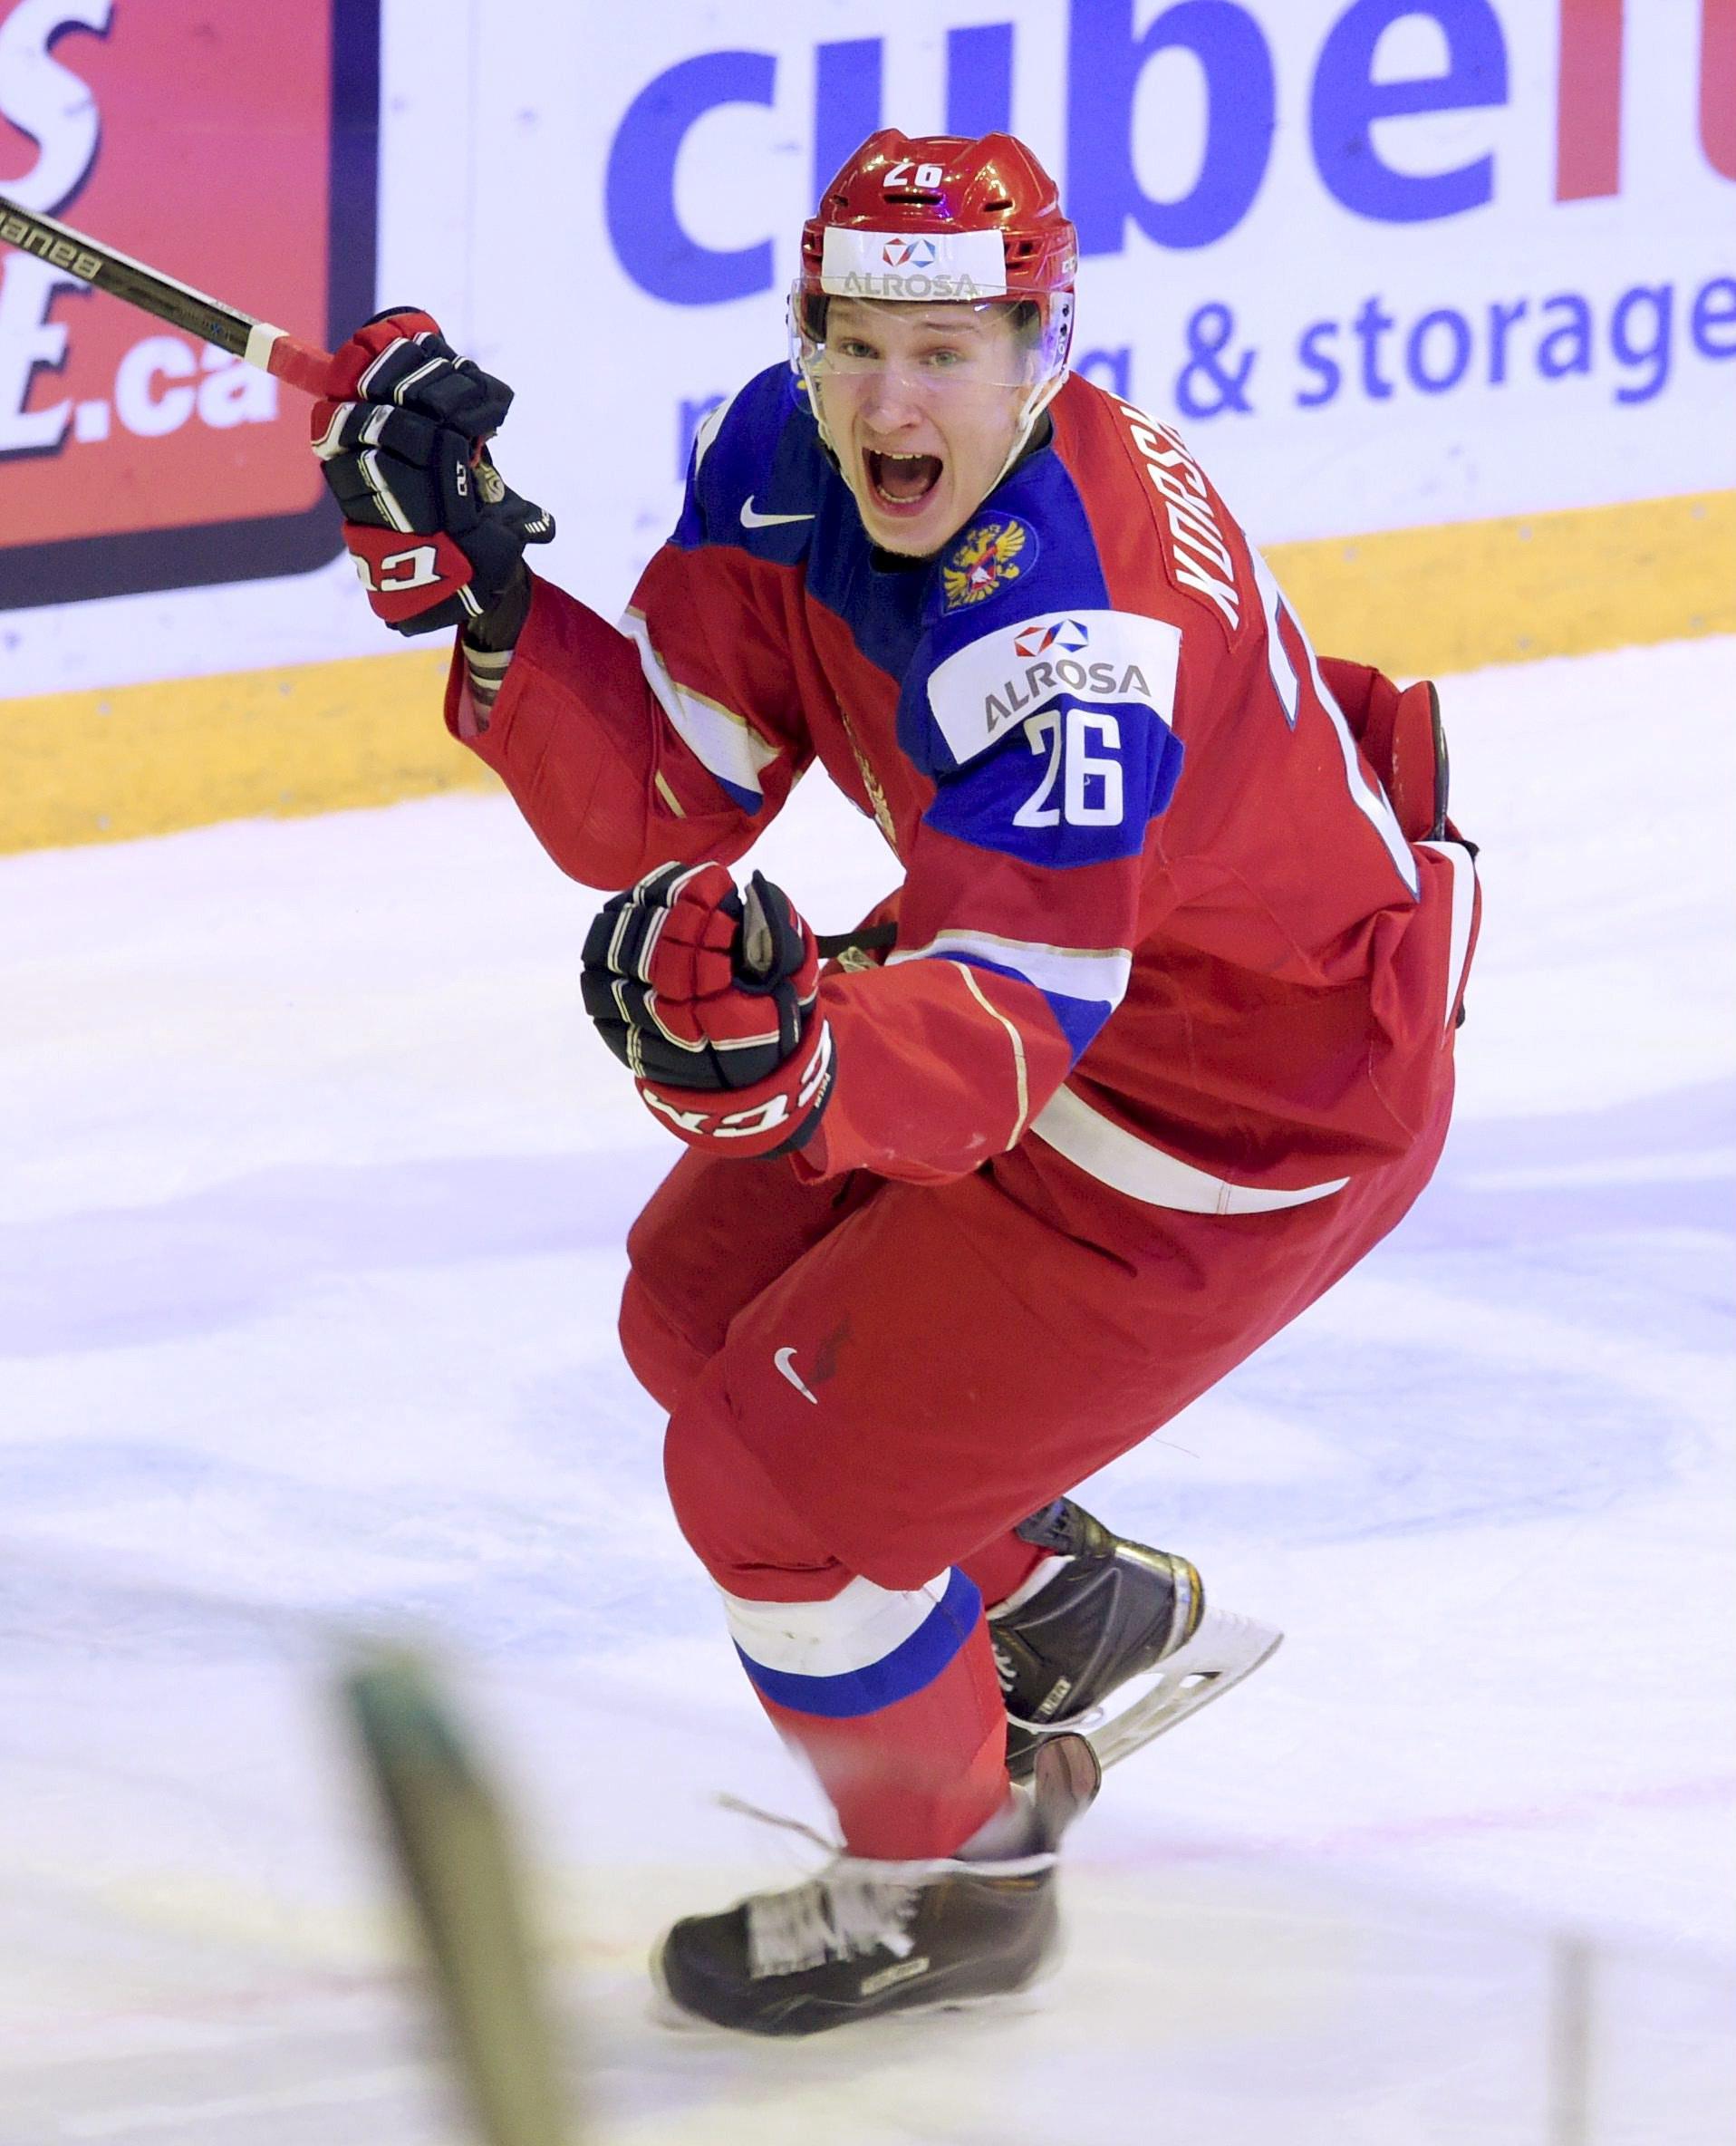 IHOCKEY-U20-RUS-USA